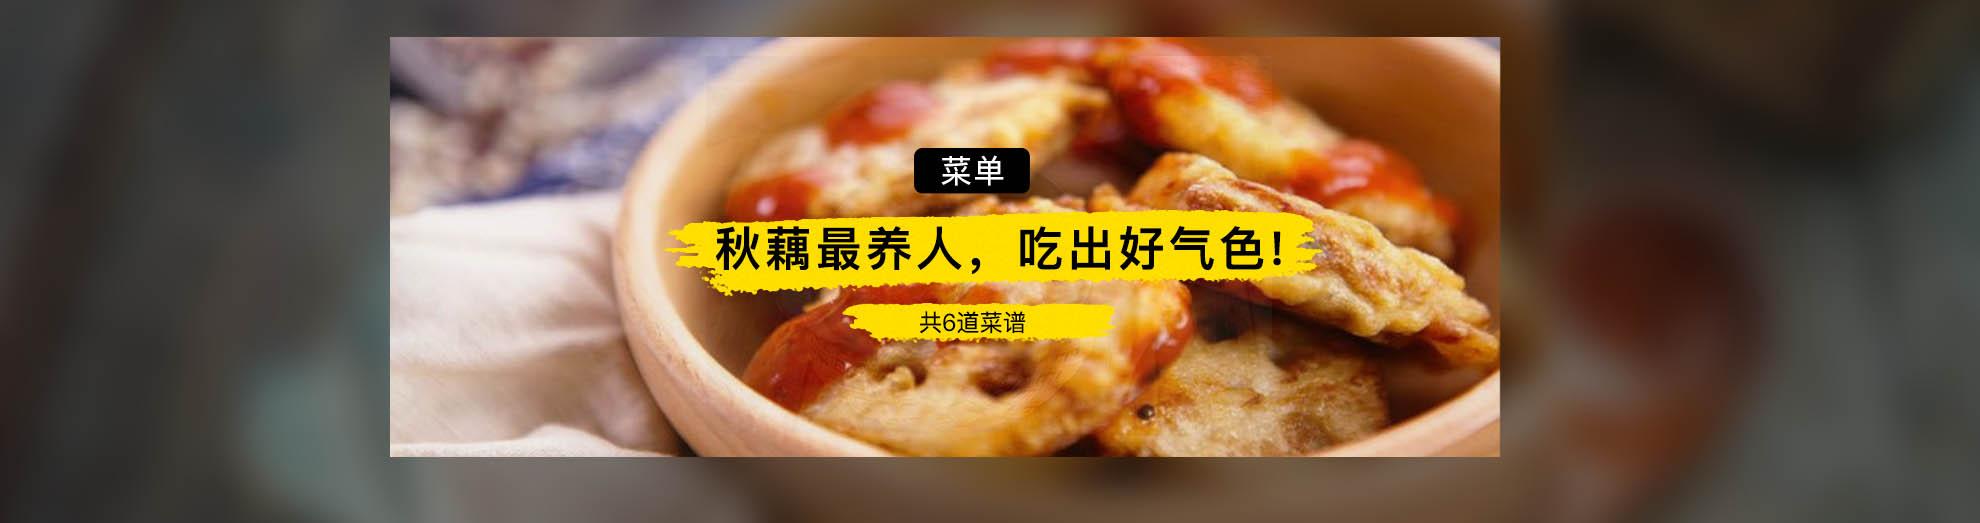 秋藕最养人,吃出好气色!}